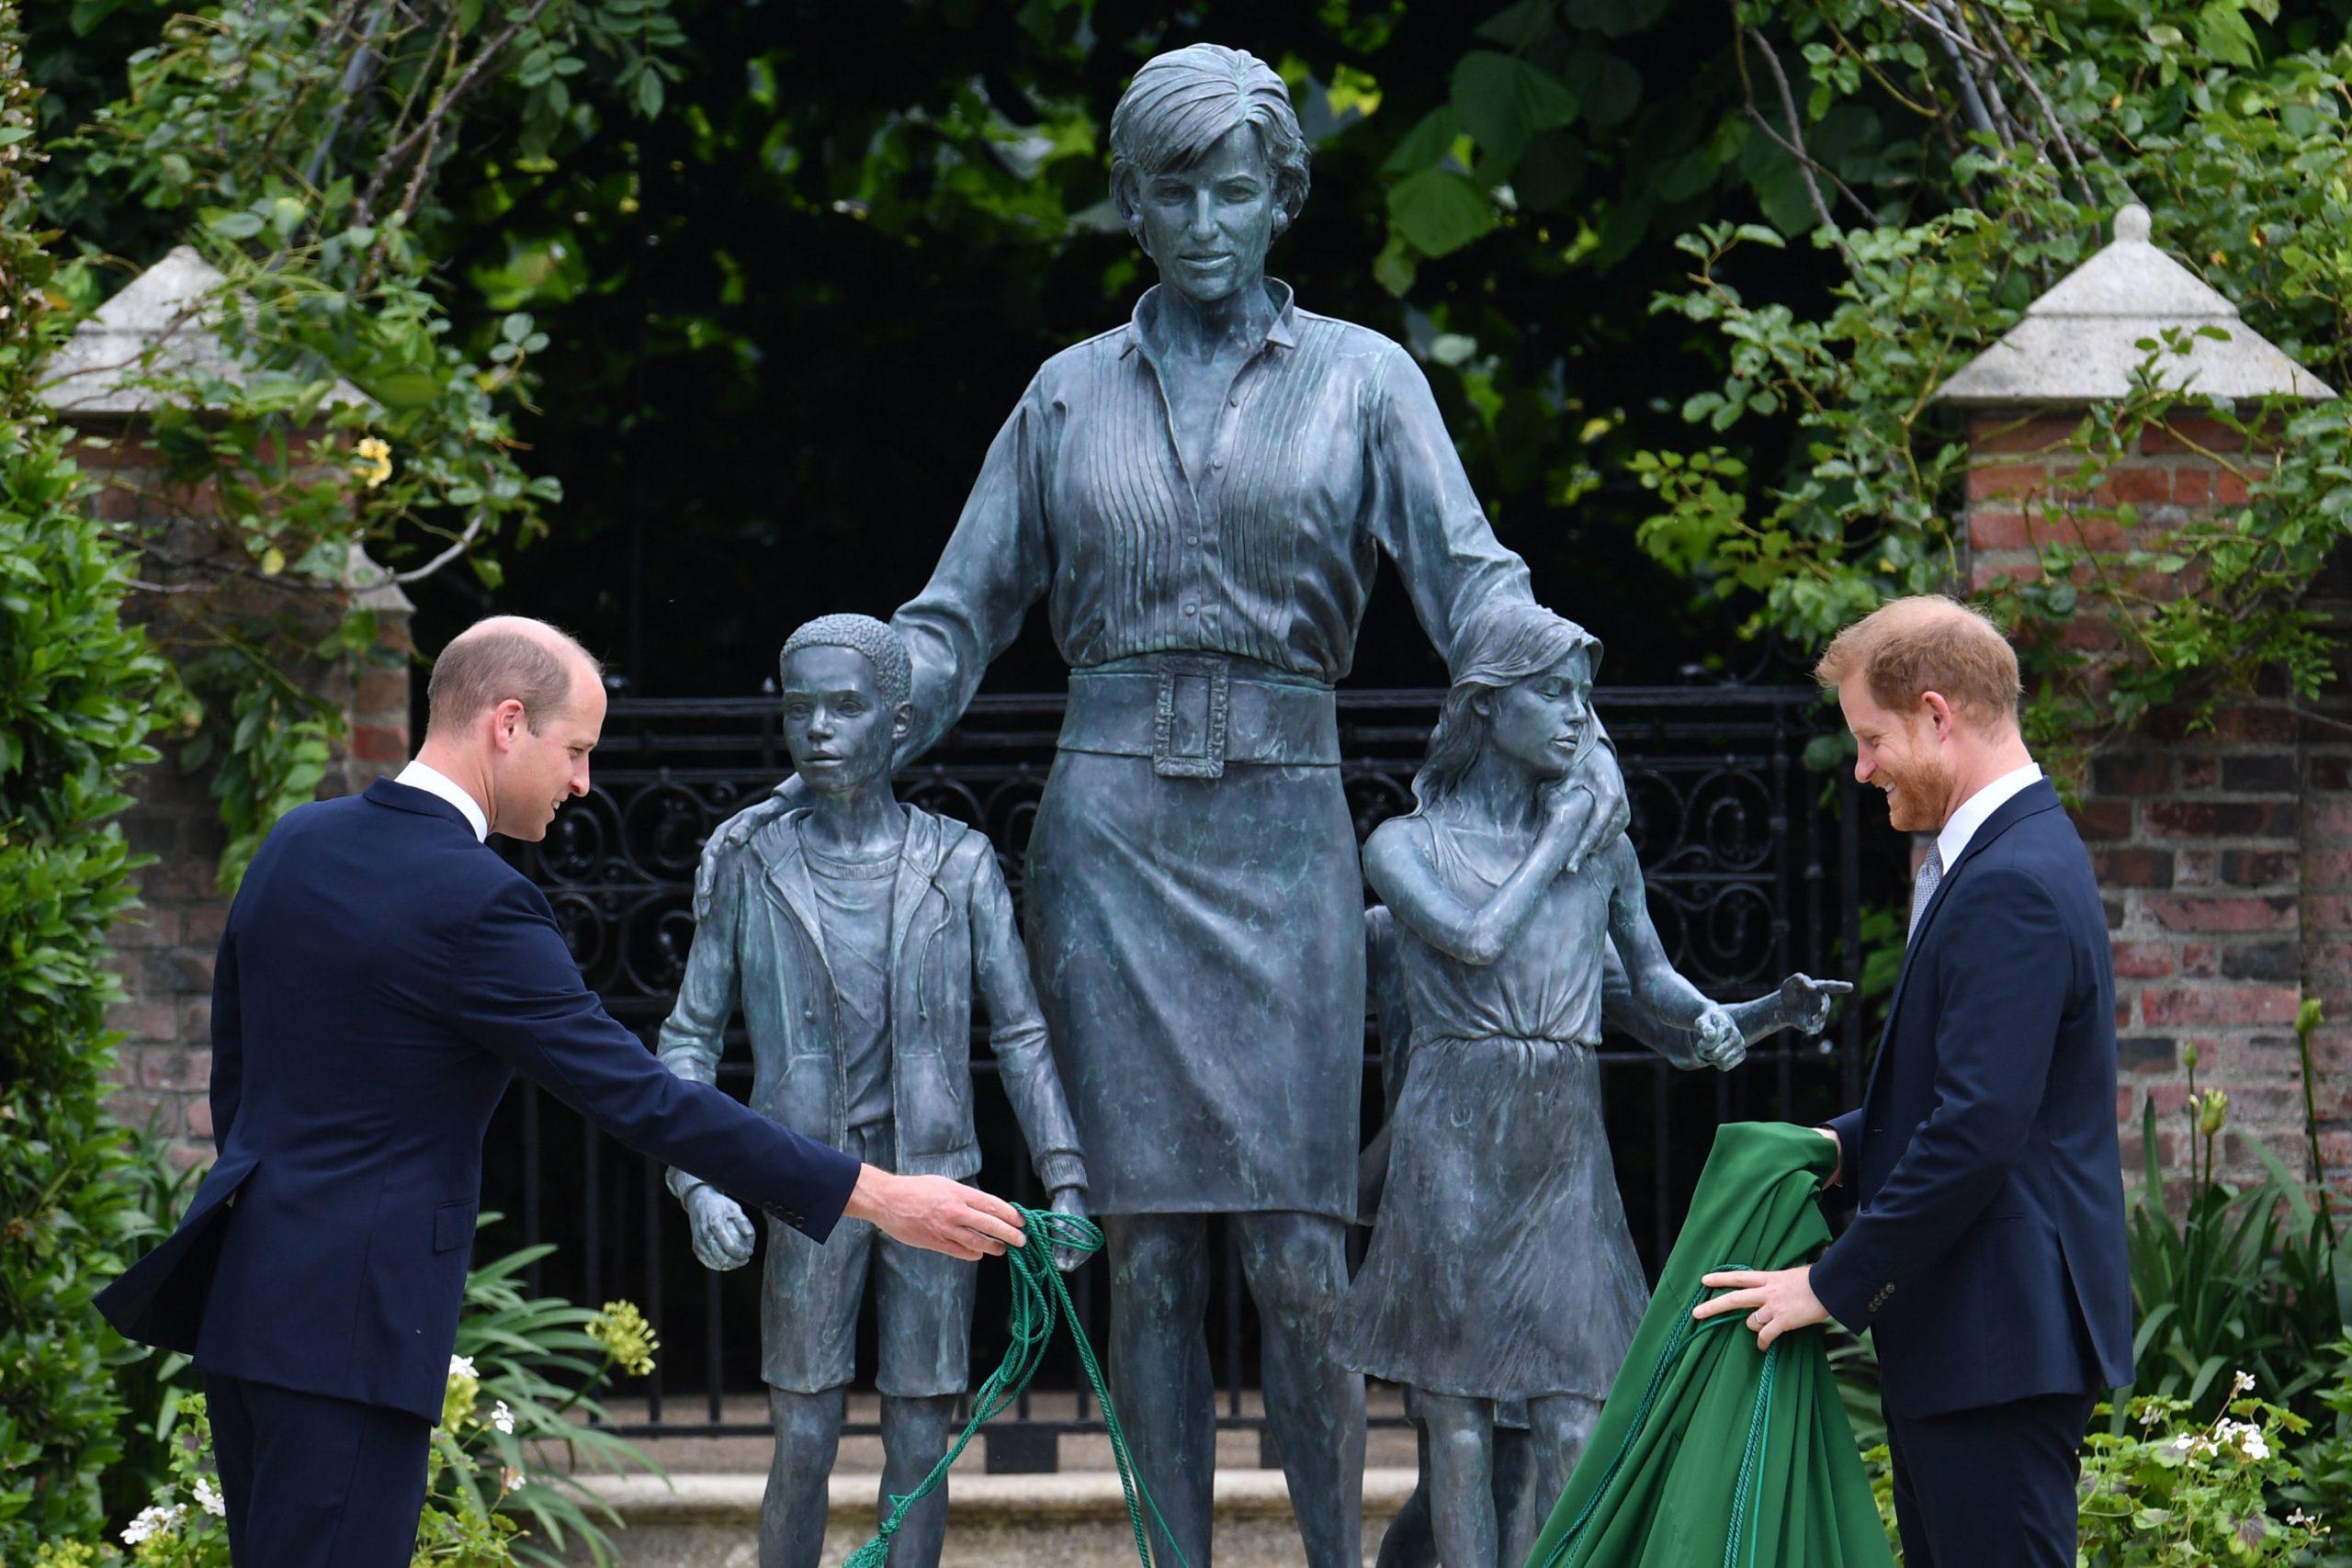 Le Prince Willam et le Prince Harry devant la statue de la Princesse Diana.